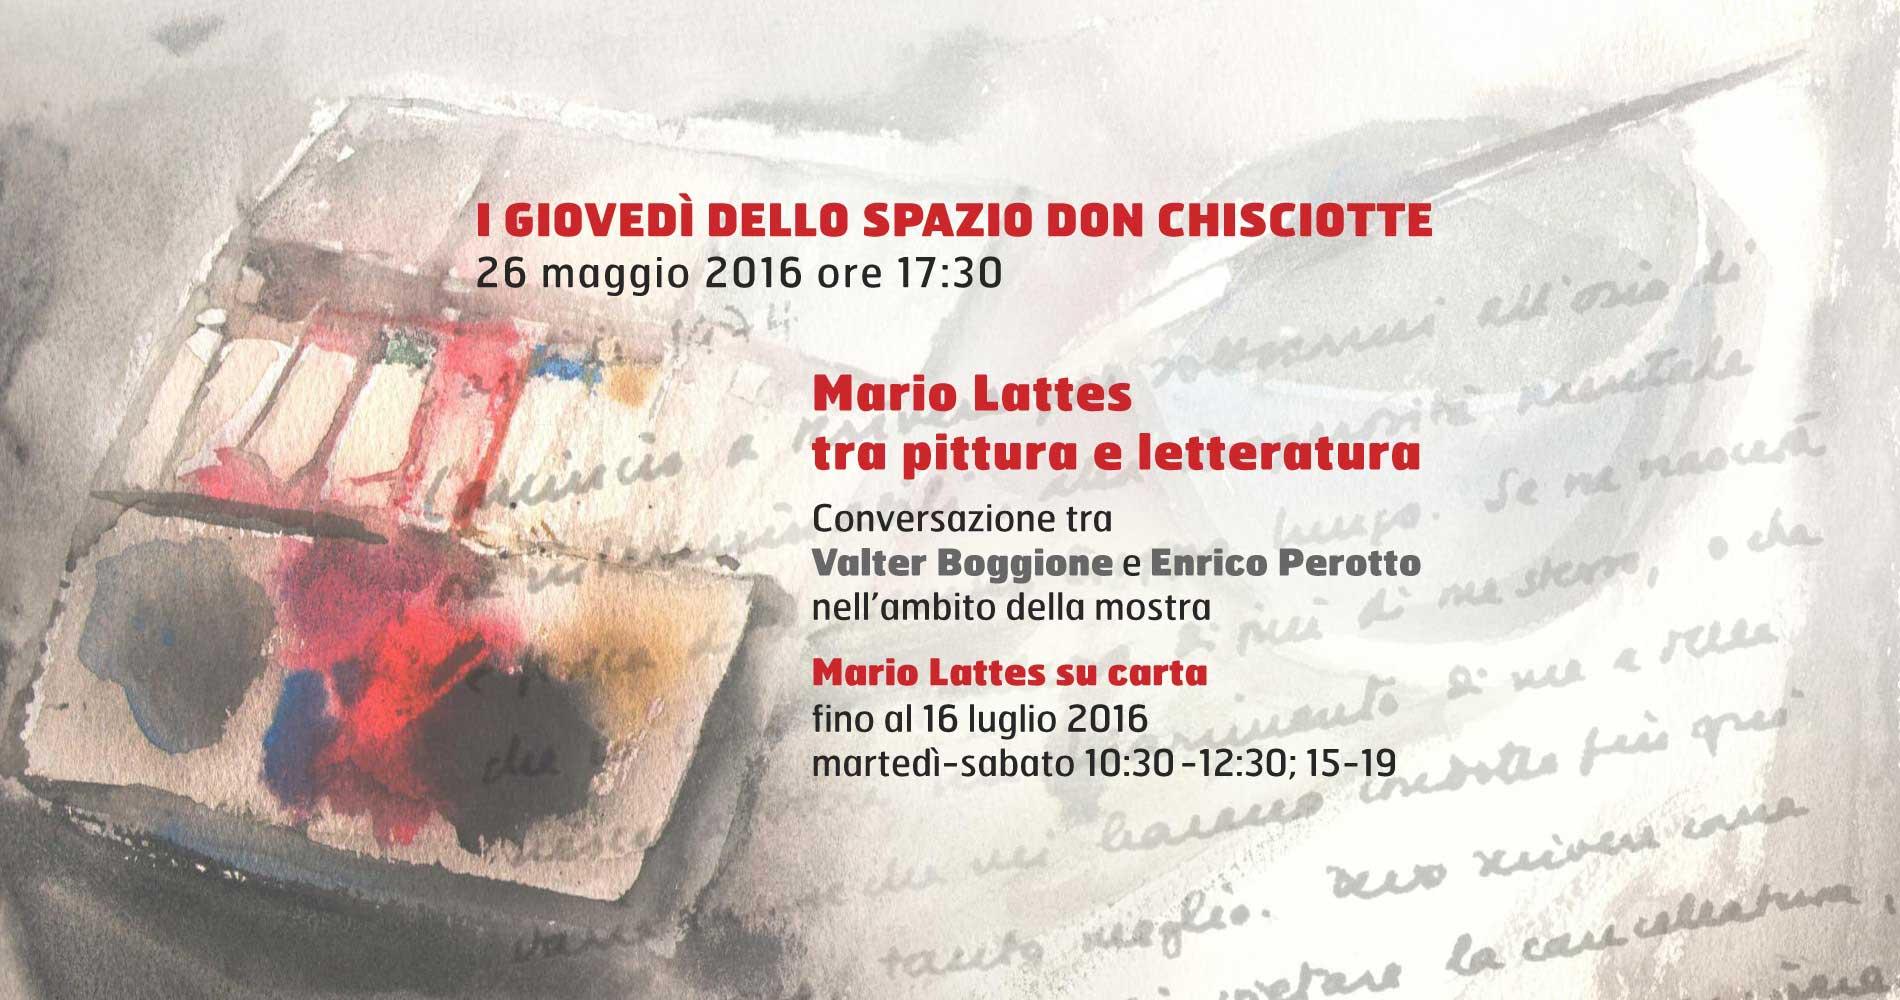 Mario Lattes tra pittura e letteratura